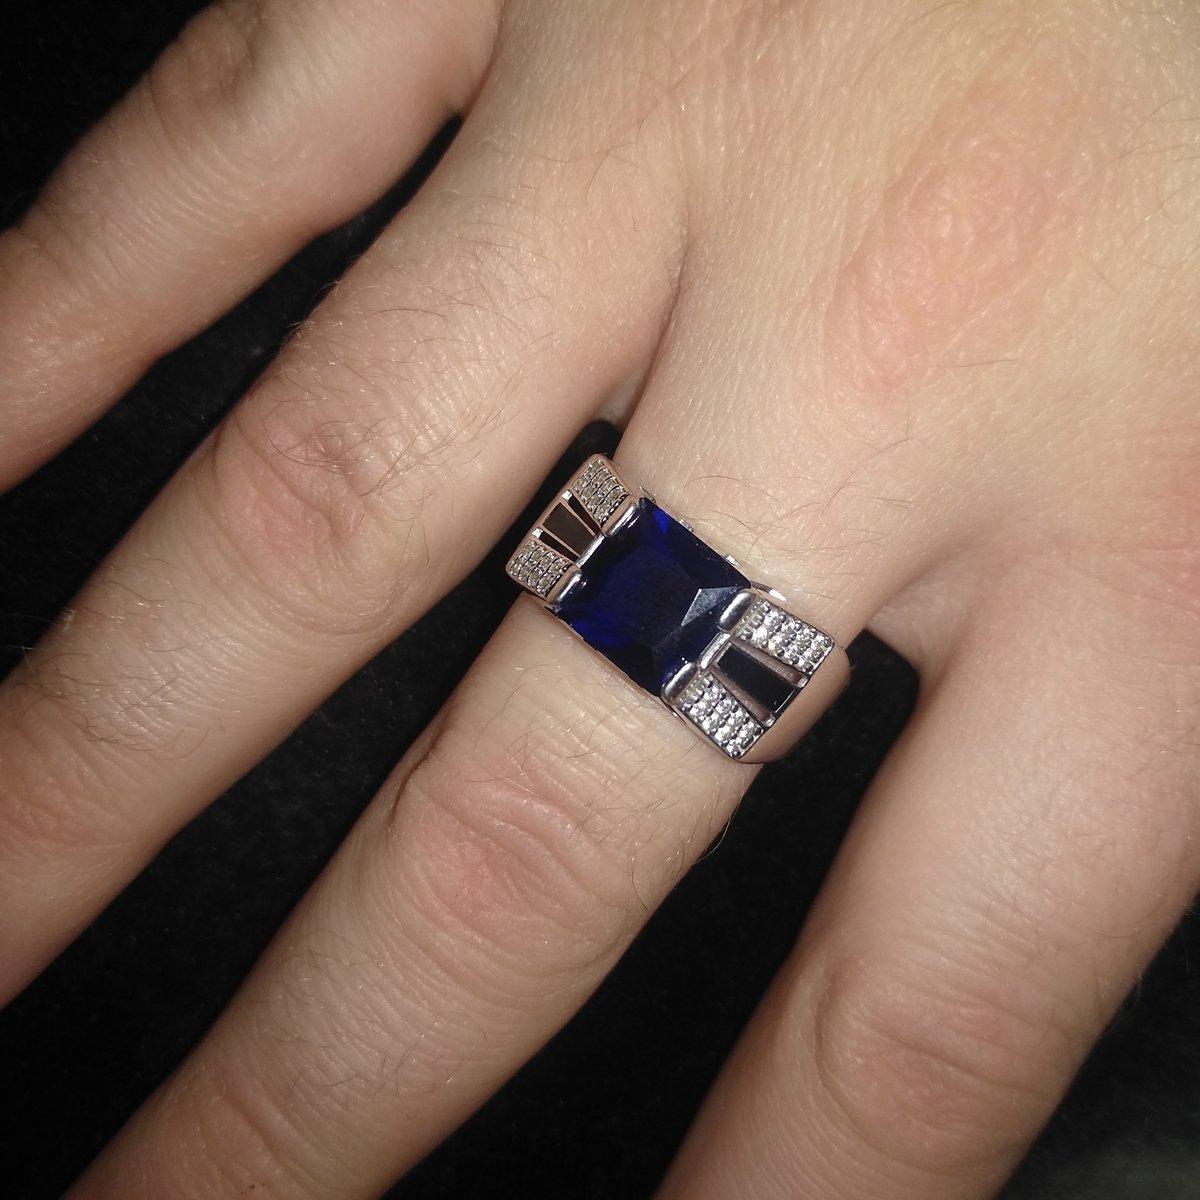 Красивый перстень))фианиты переливаются